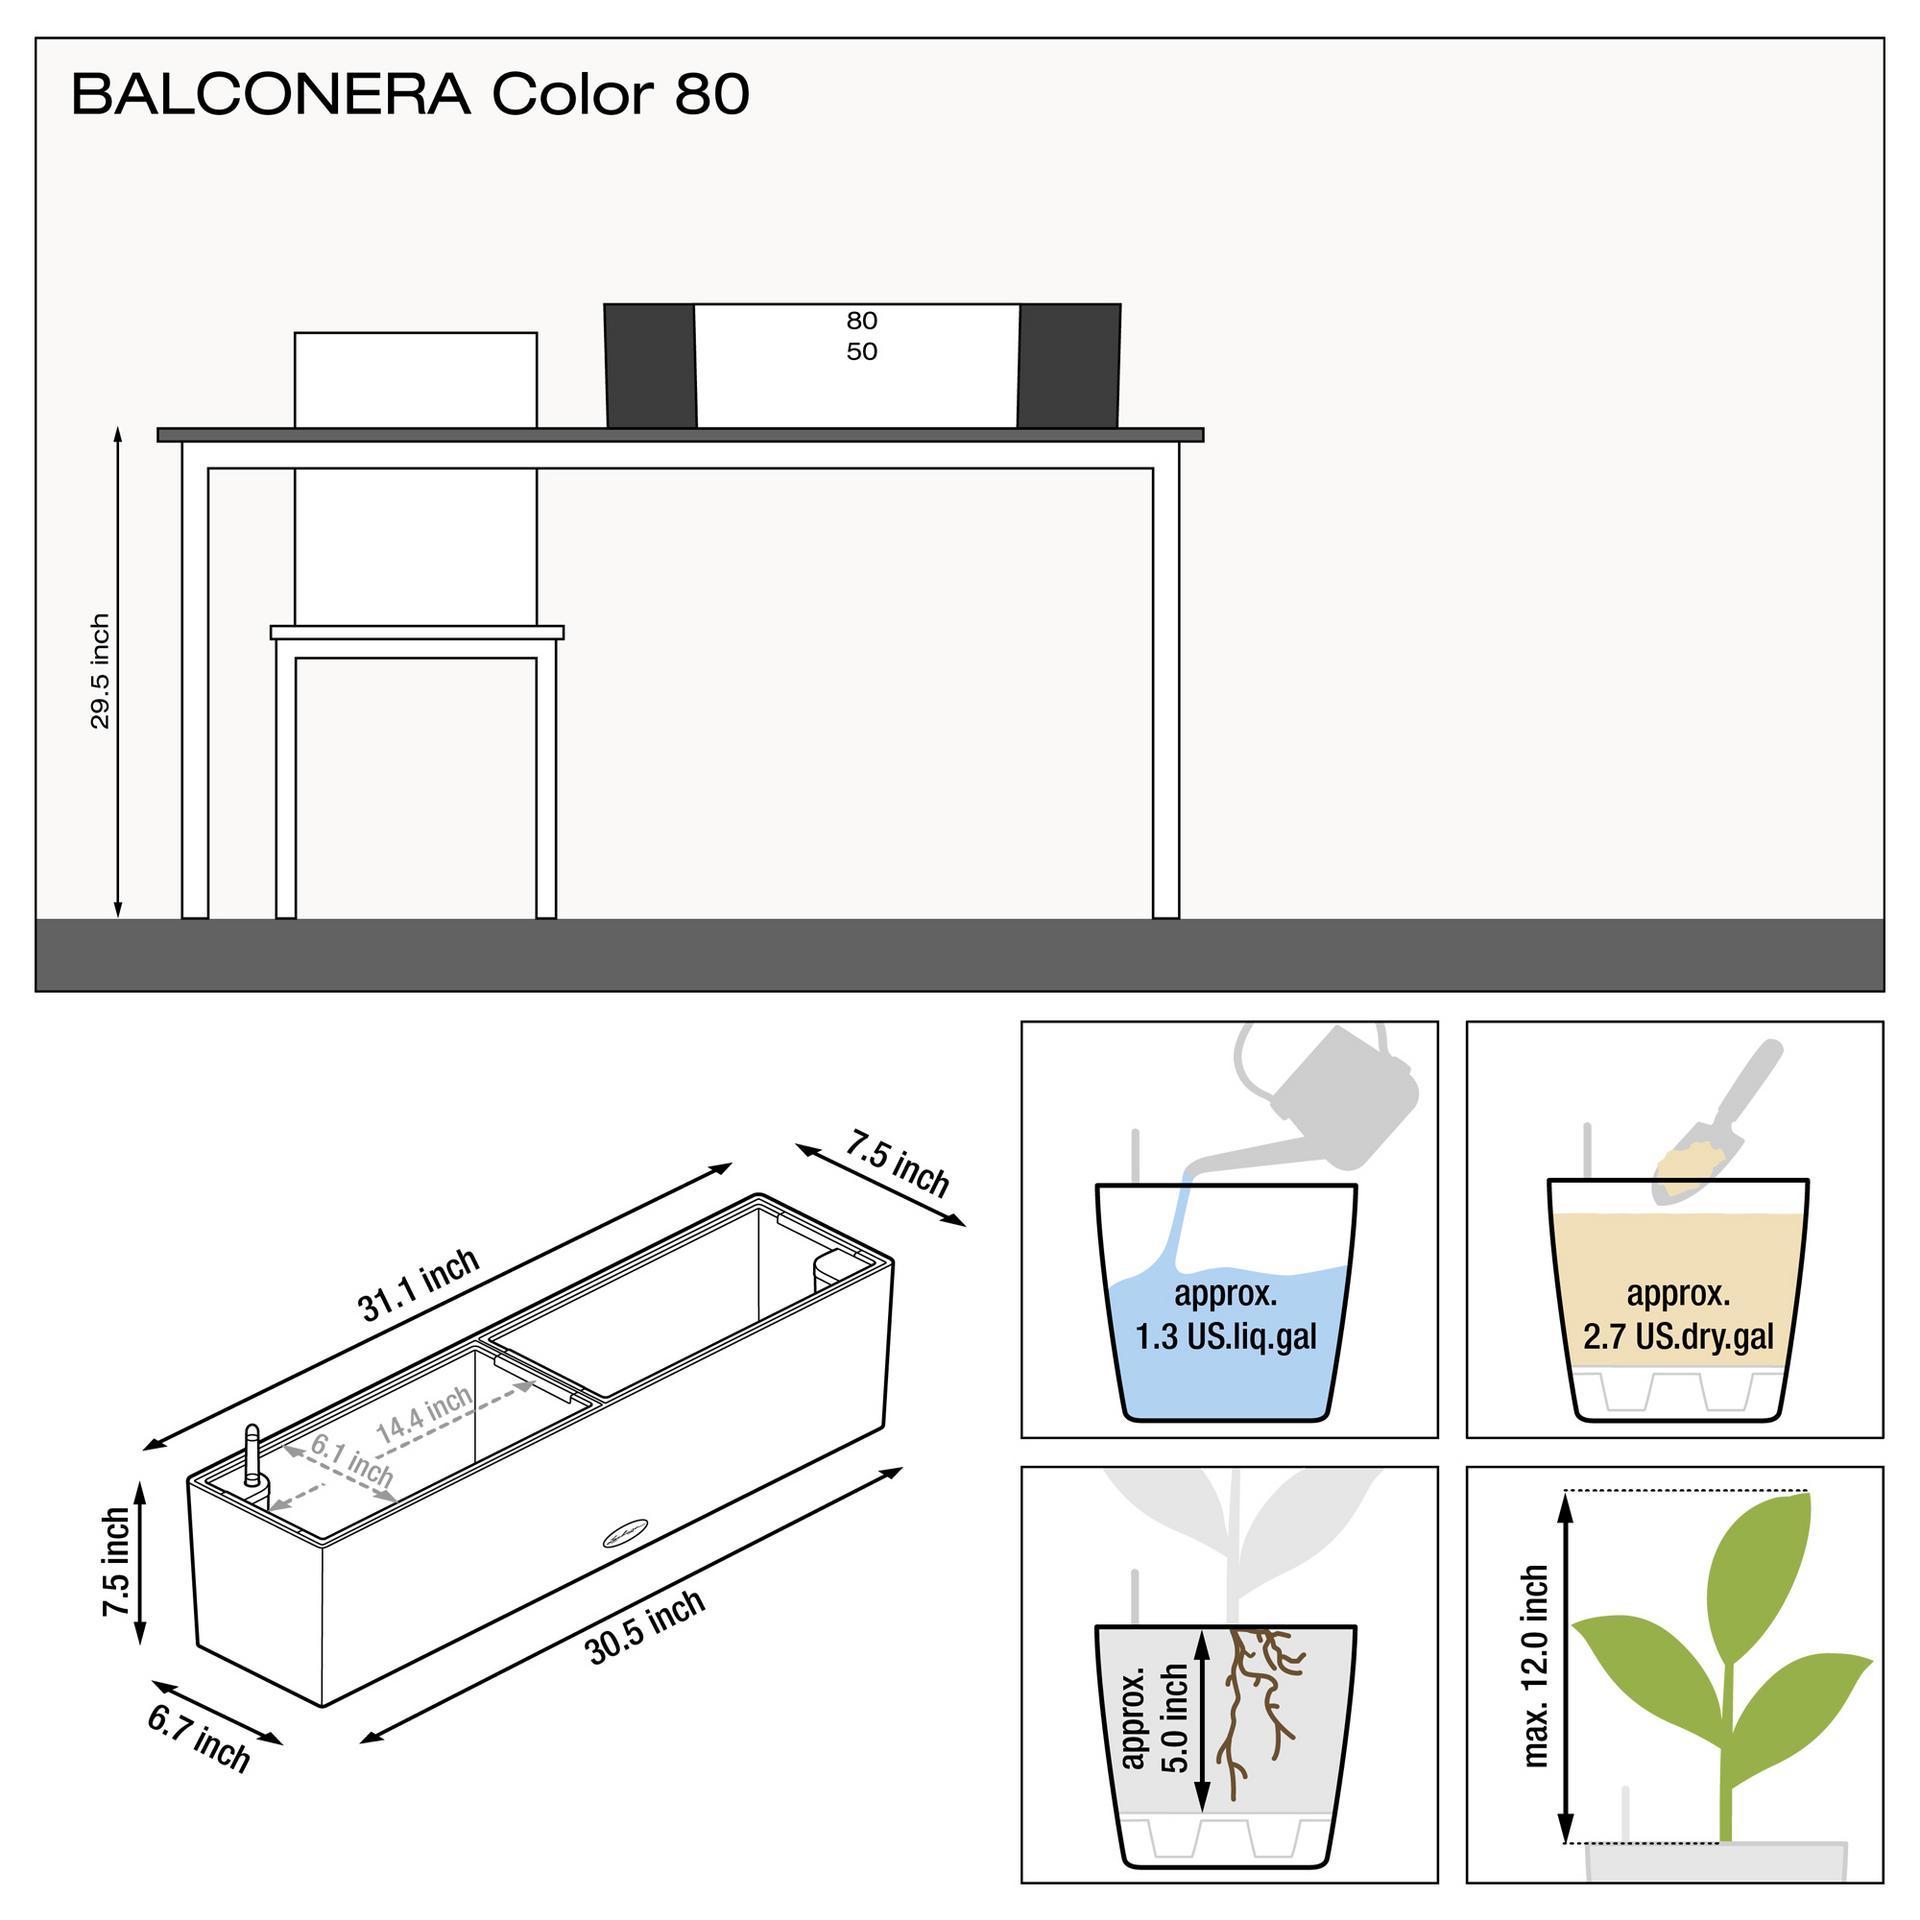 le_balconera-color80_product_addi_nz_us